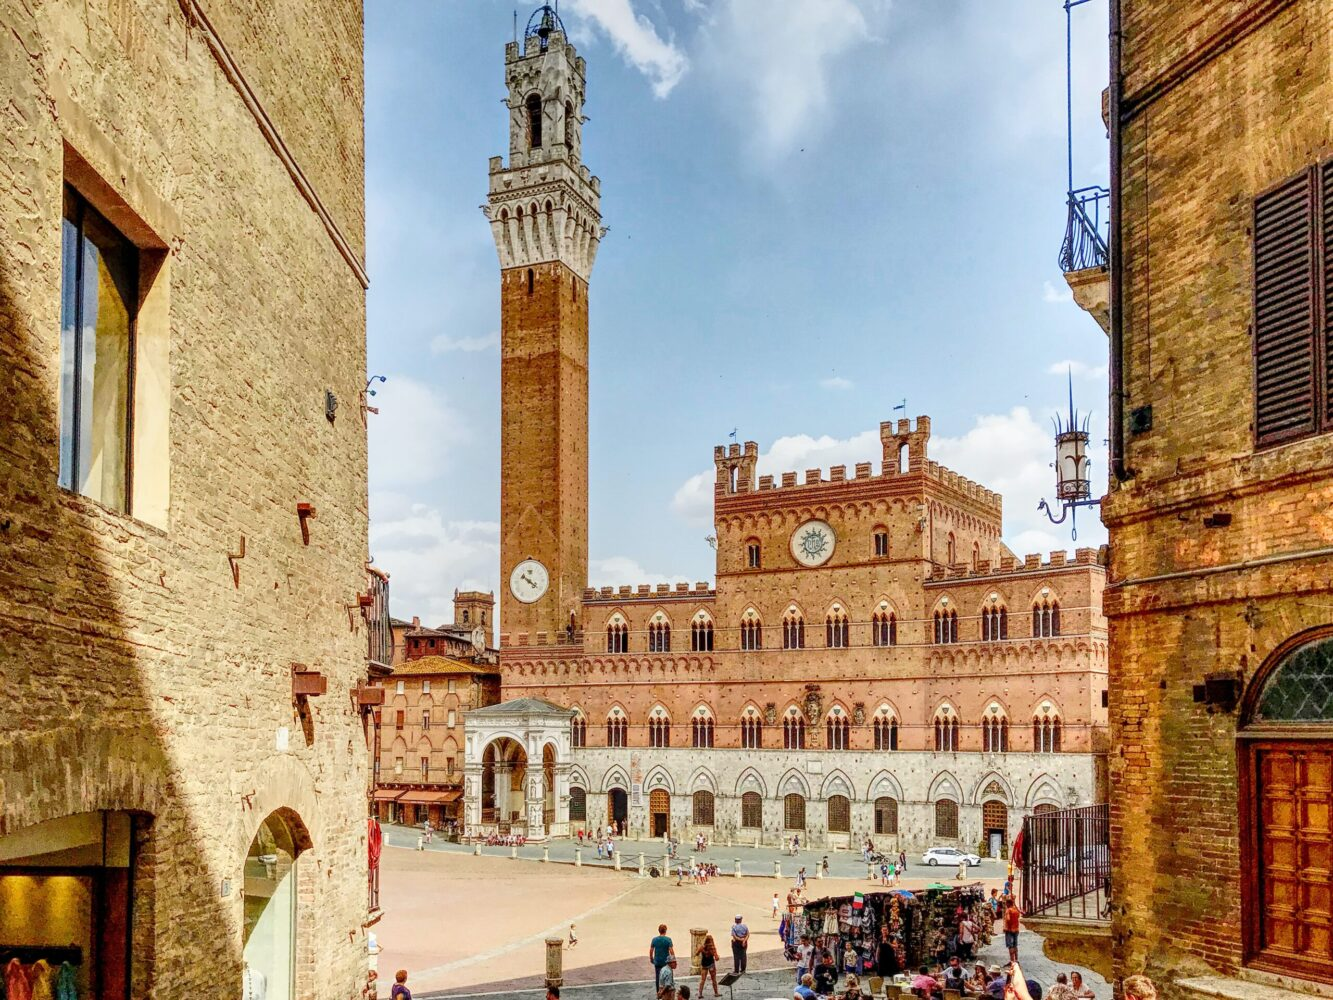 Het Gezinsleven - Vakanties - Europa - De 10 mooiste steden in de Toscane - Piazza del Campo e Torre del Mangia in Siena